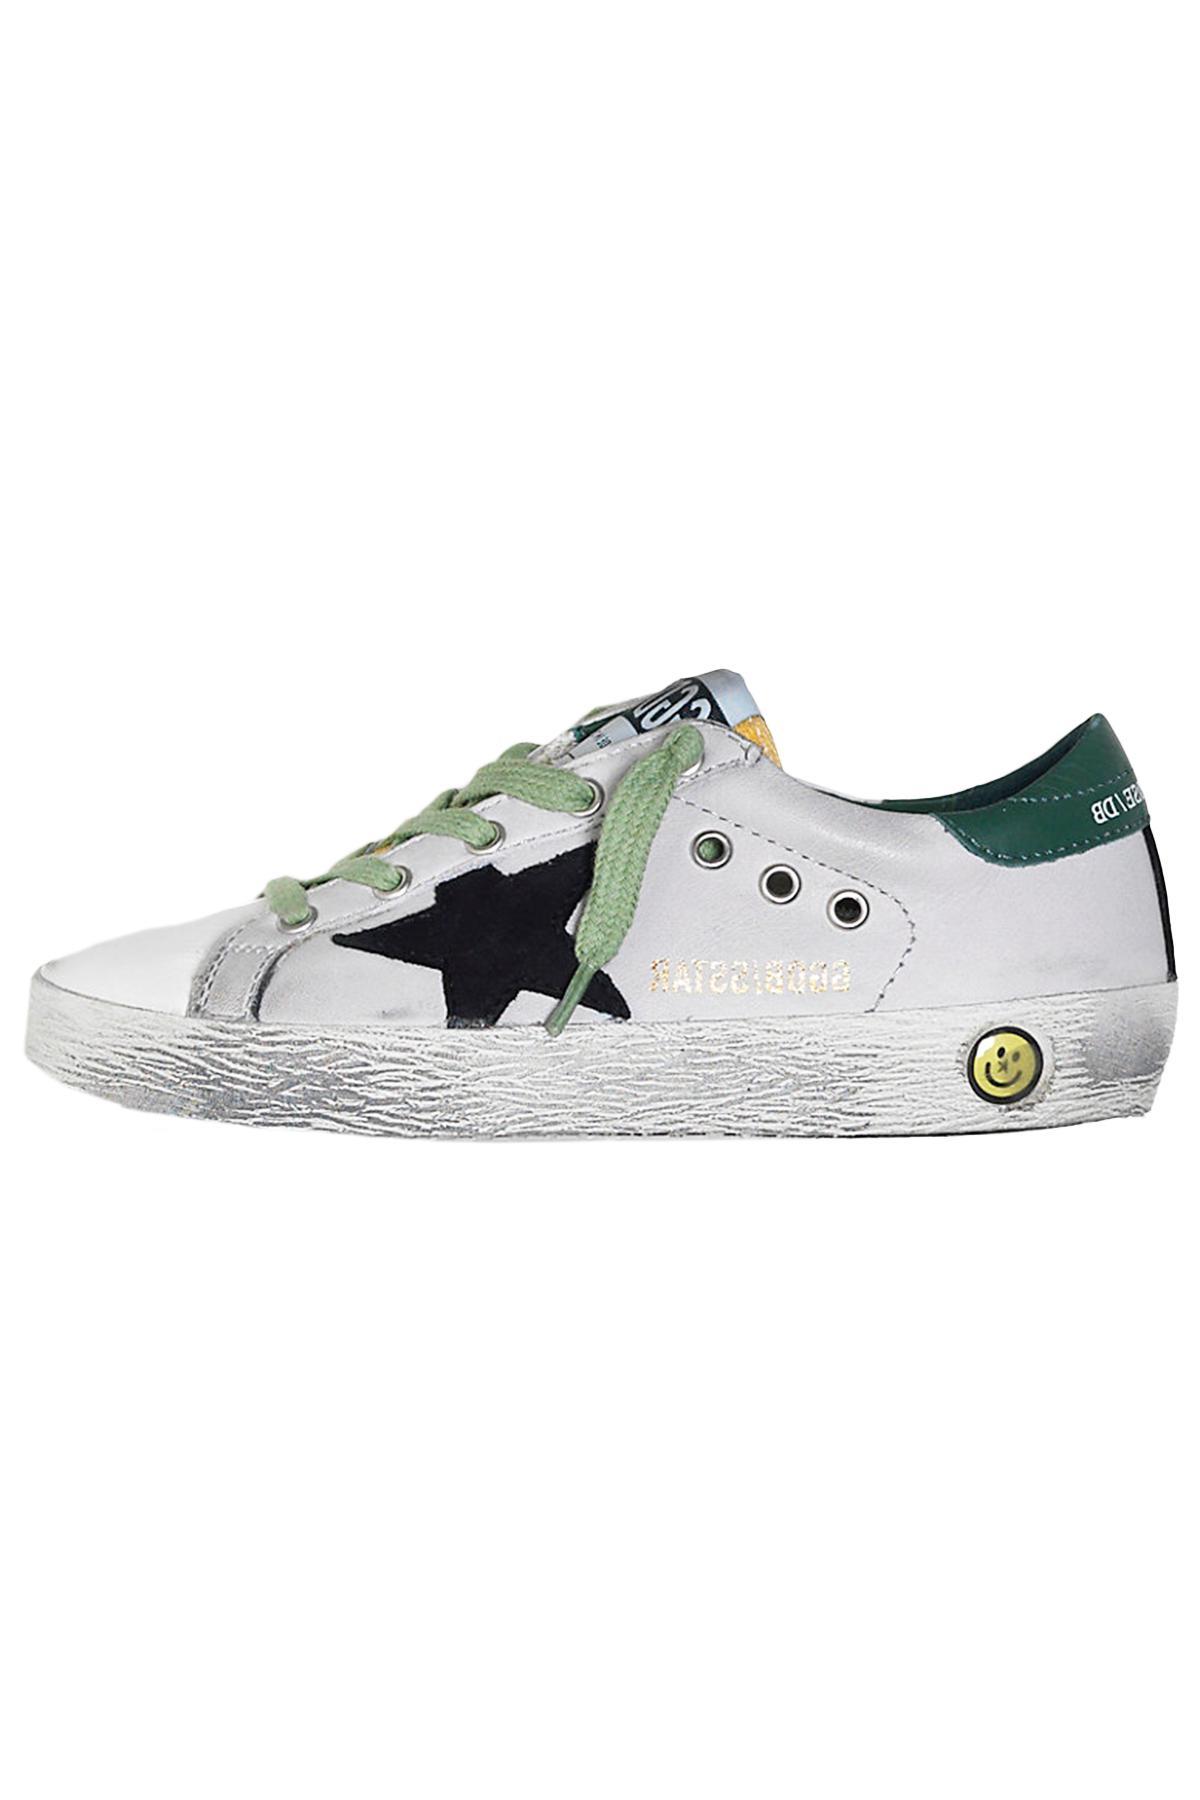 b010c488687d6 Golden Goose Deluxe Brand Kids Superstar Sneaker In Ice Leather ...